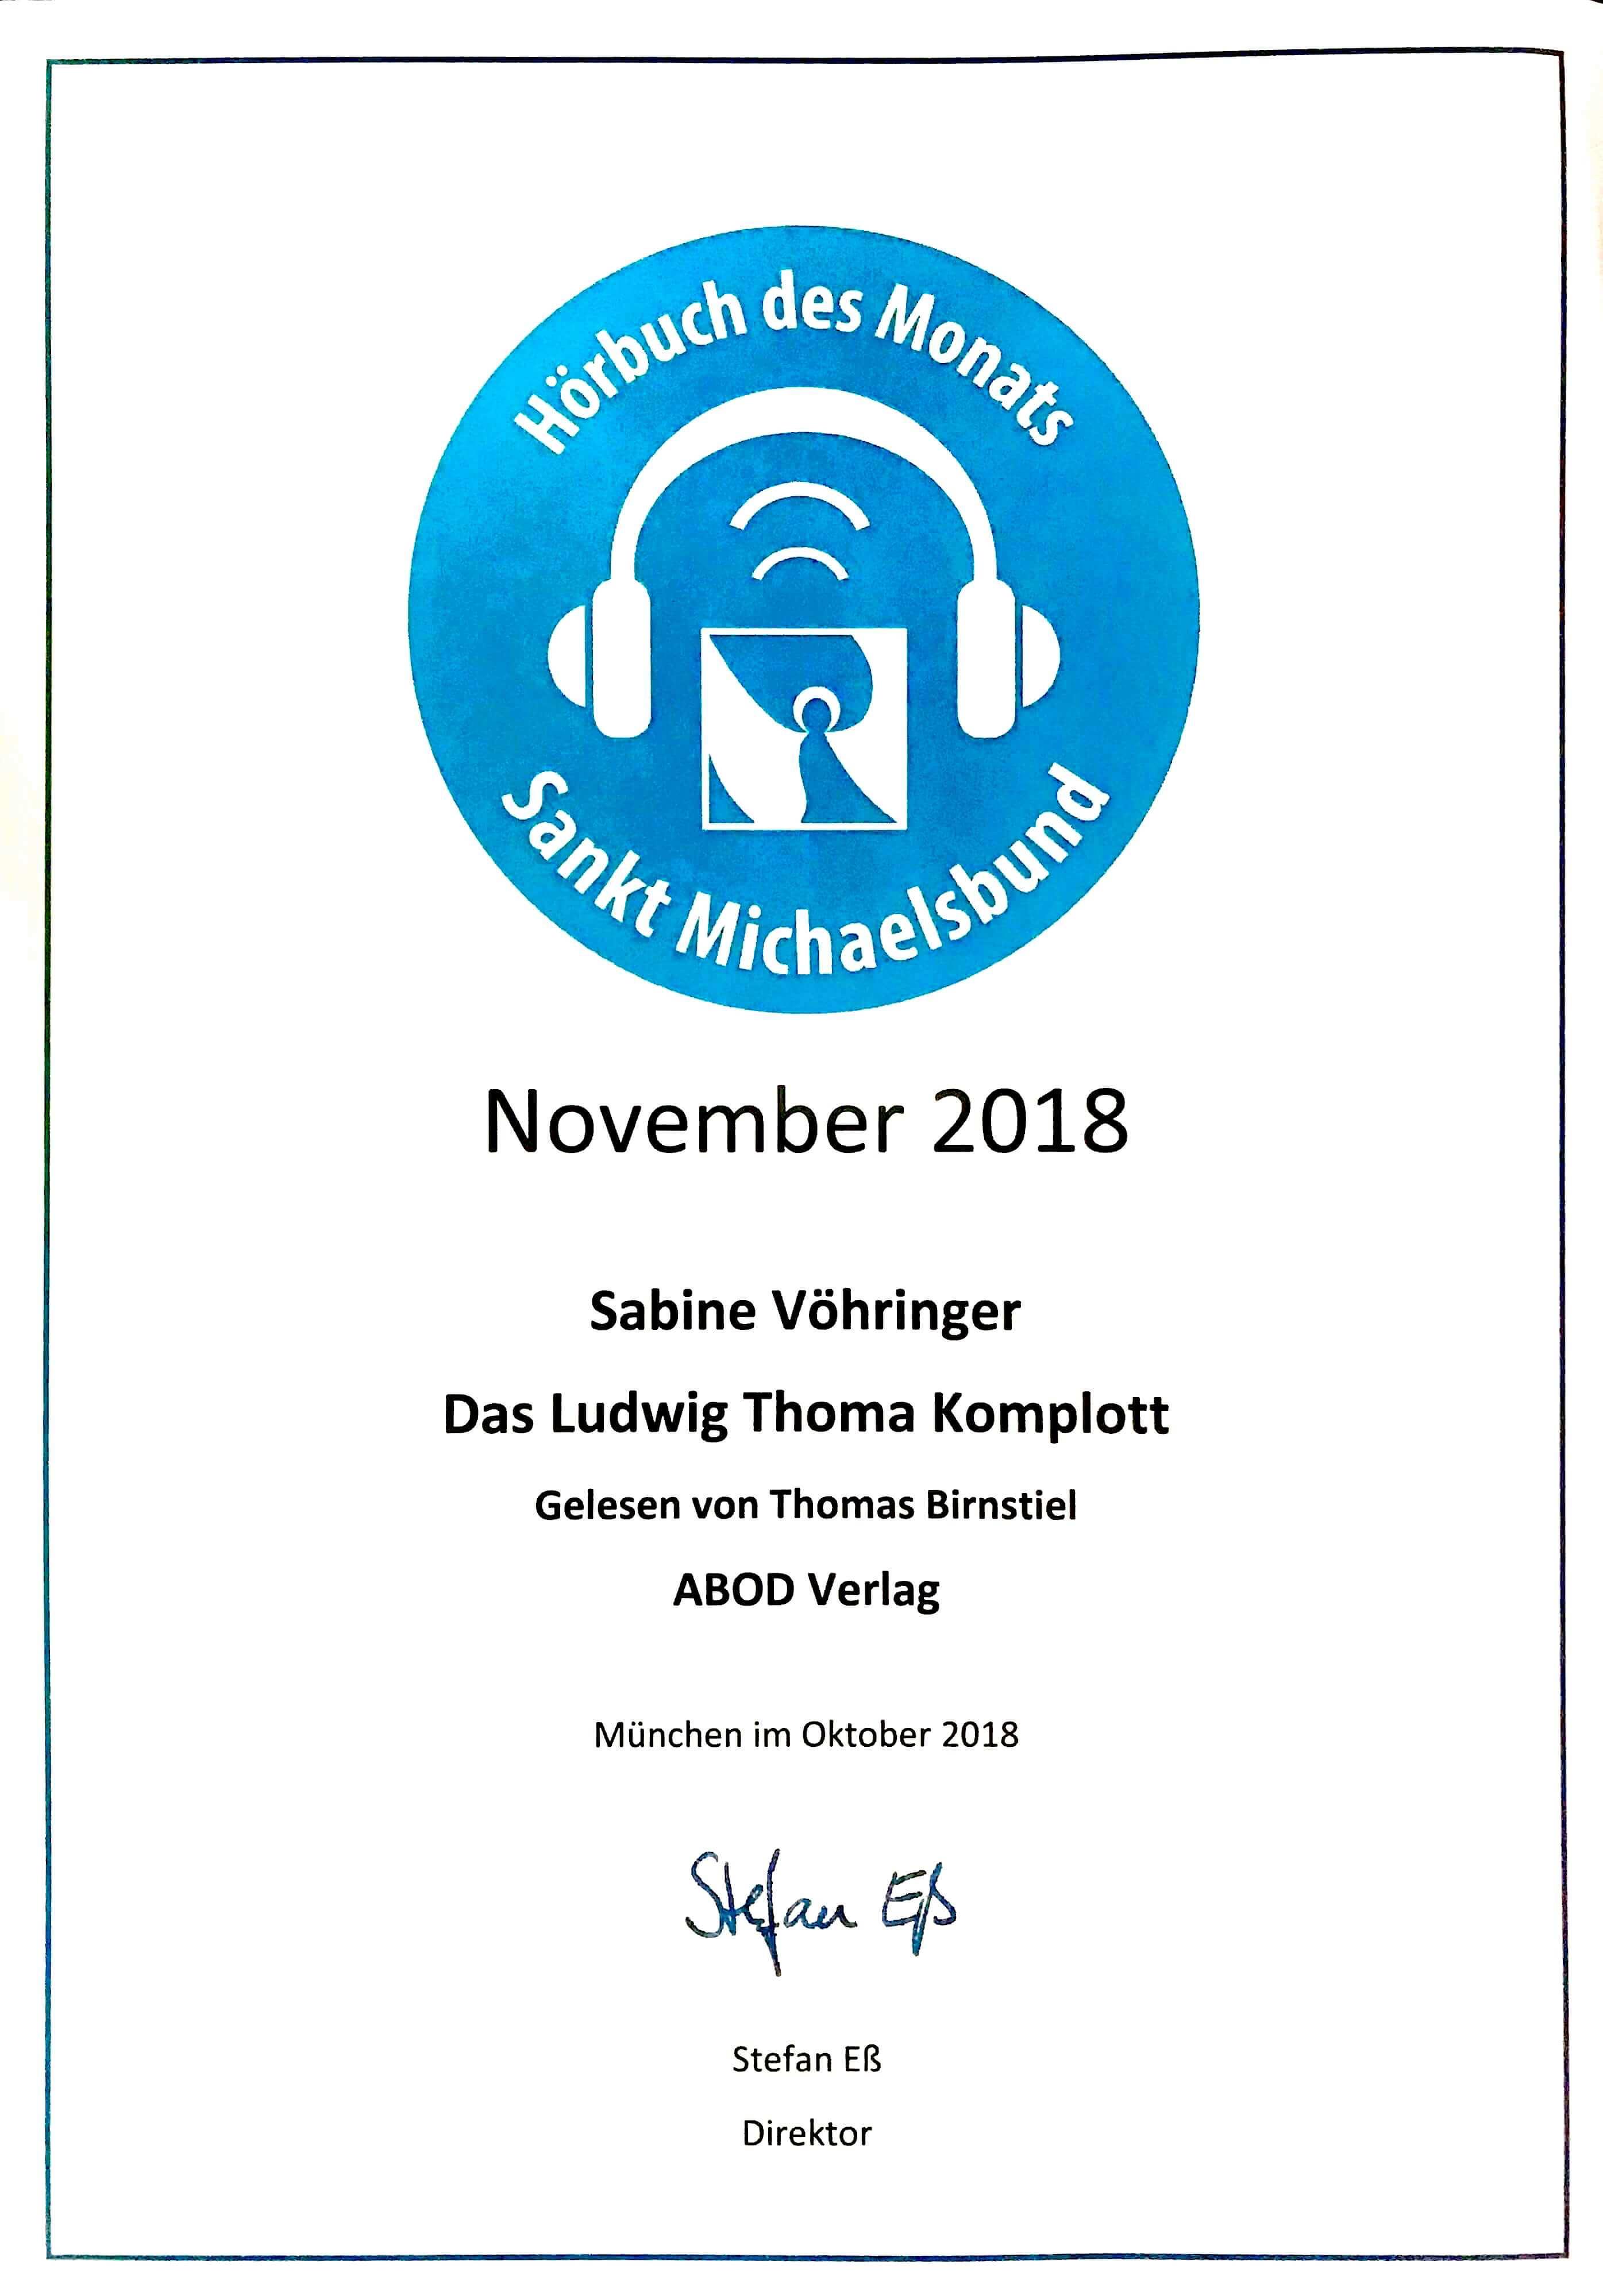 Sabine Vöhringer Tipp des Monats